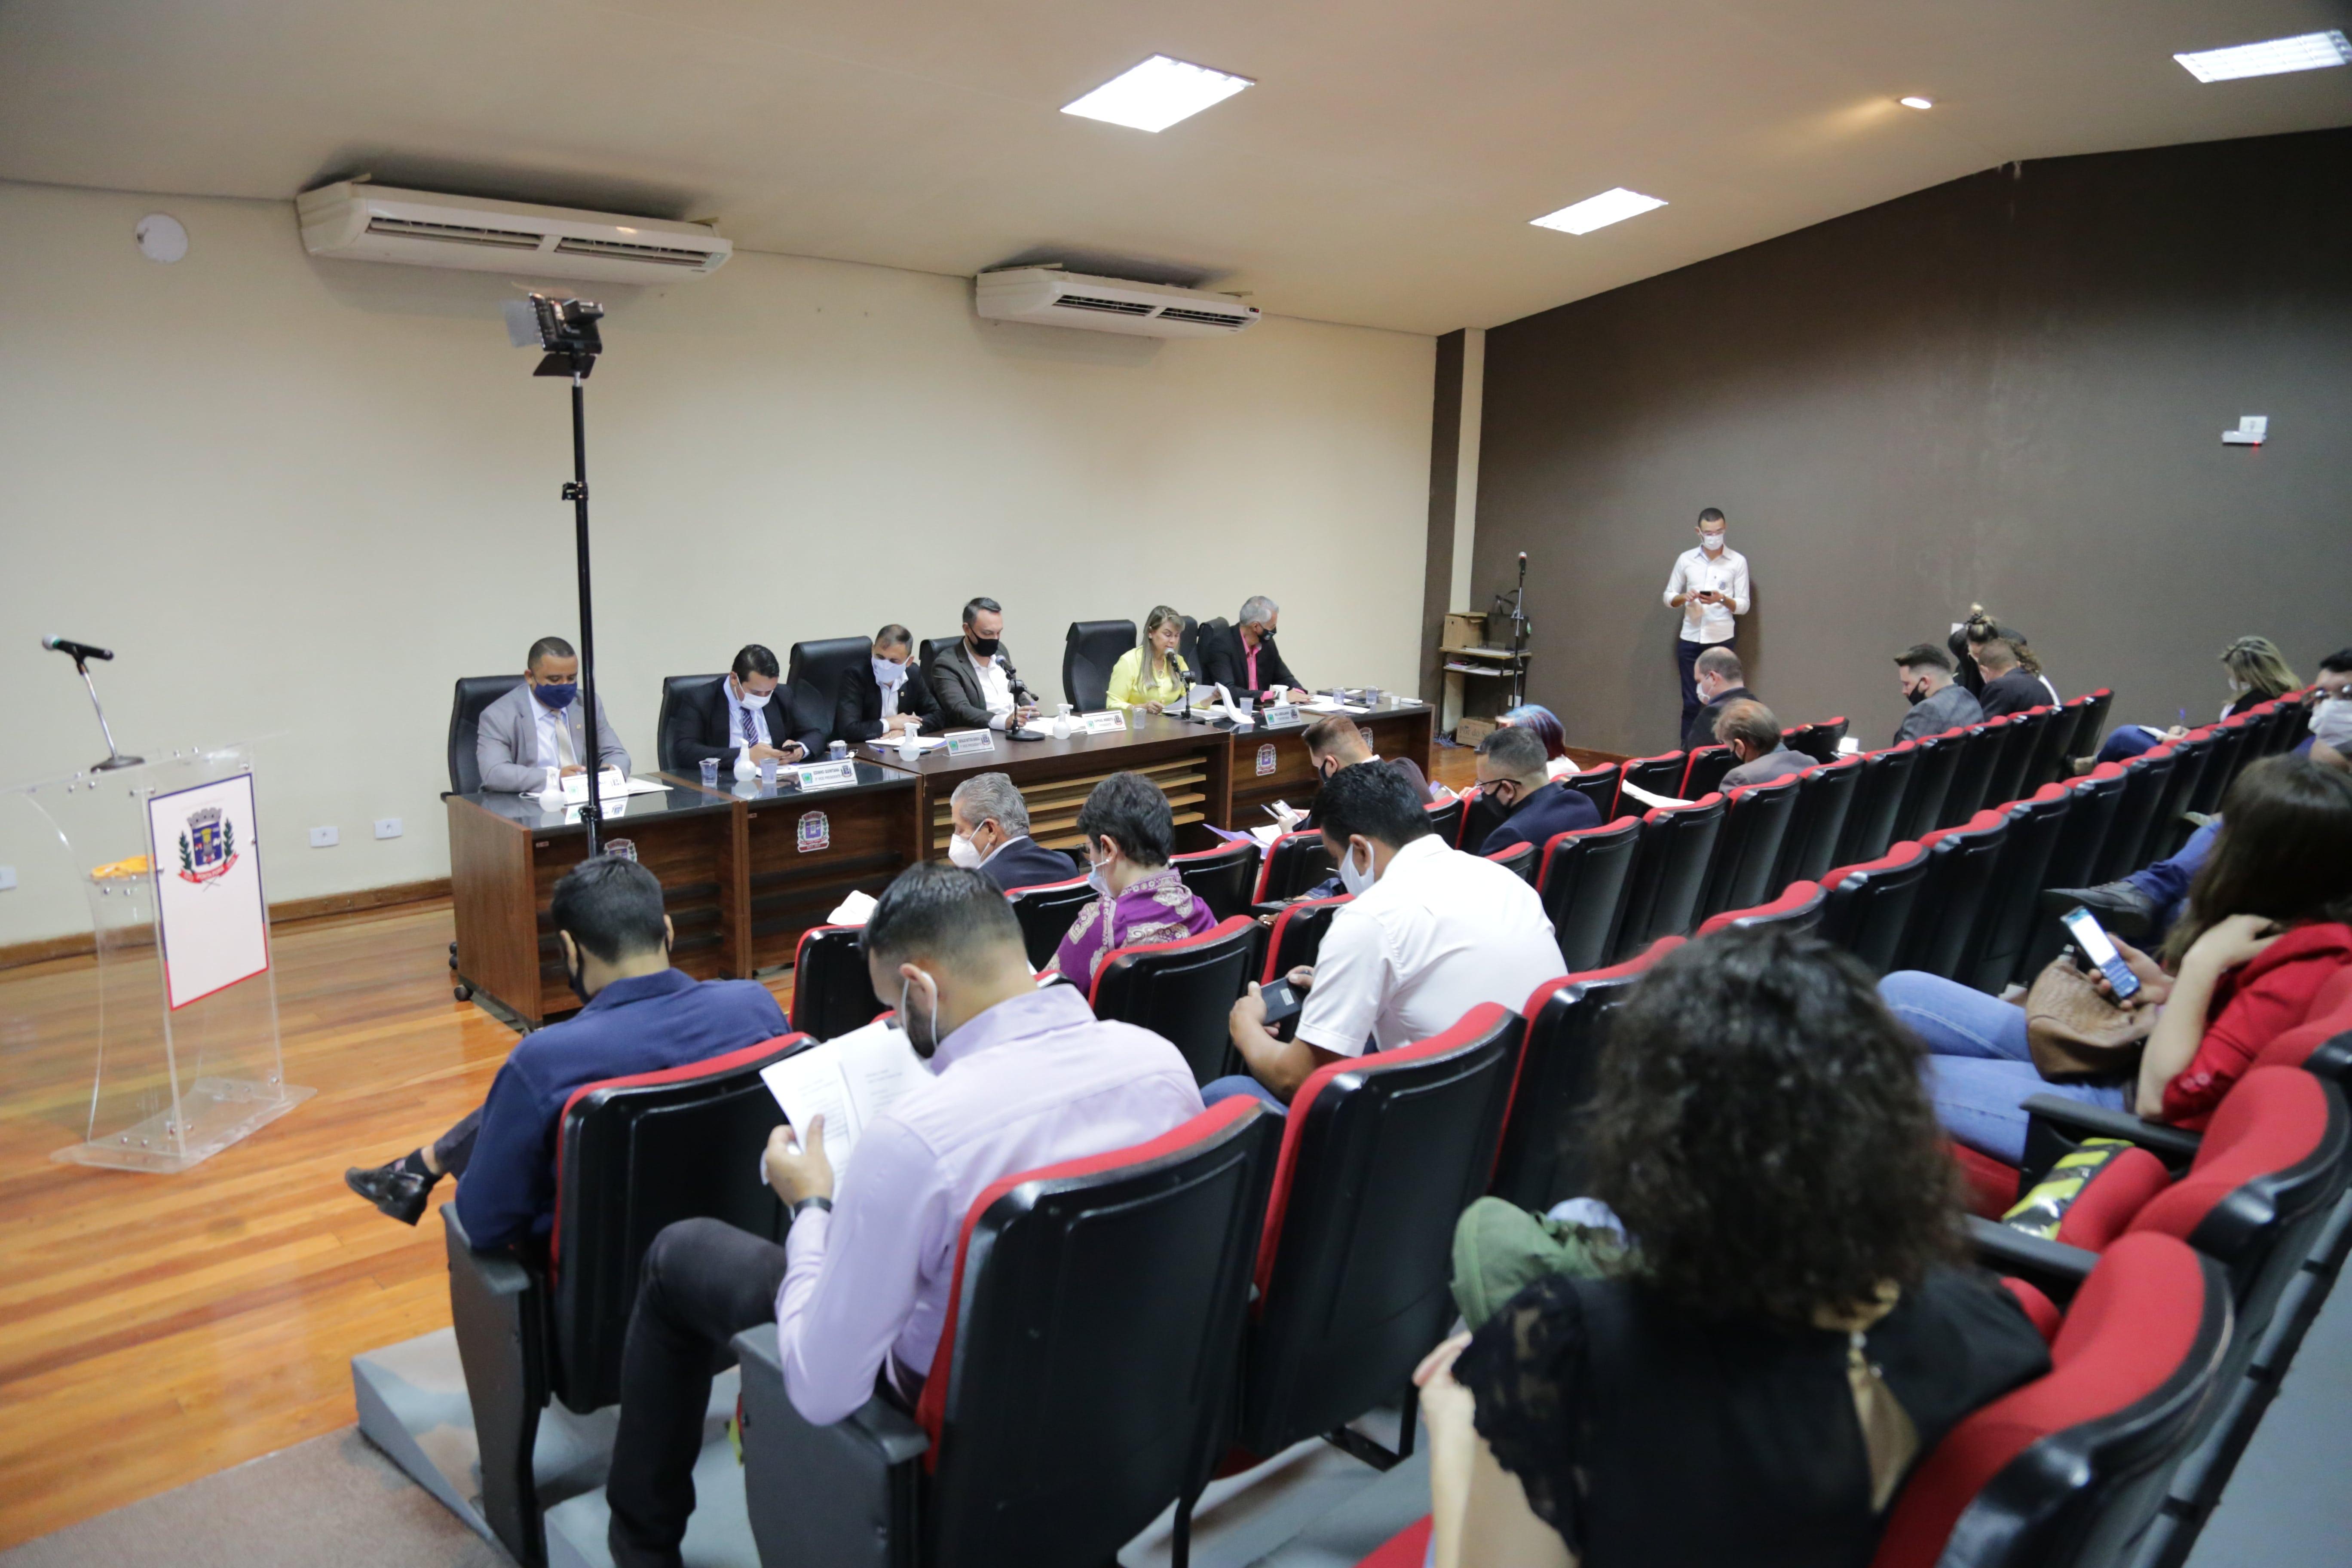 Câmara de Ponta Porã aprova repasse financeiro à APAE e marca audiência para prestar contas